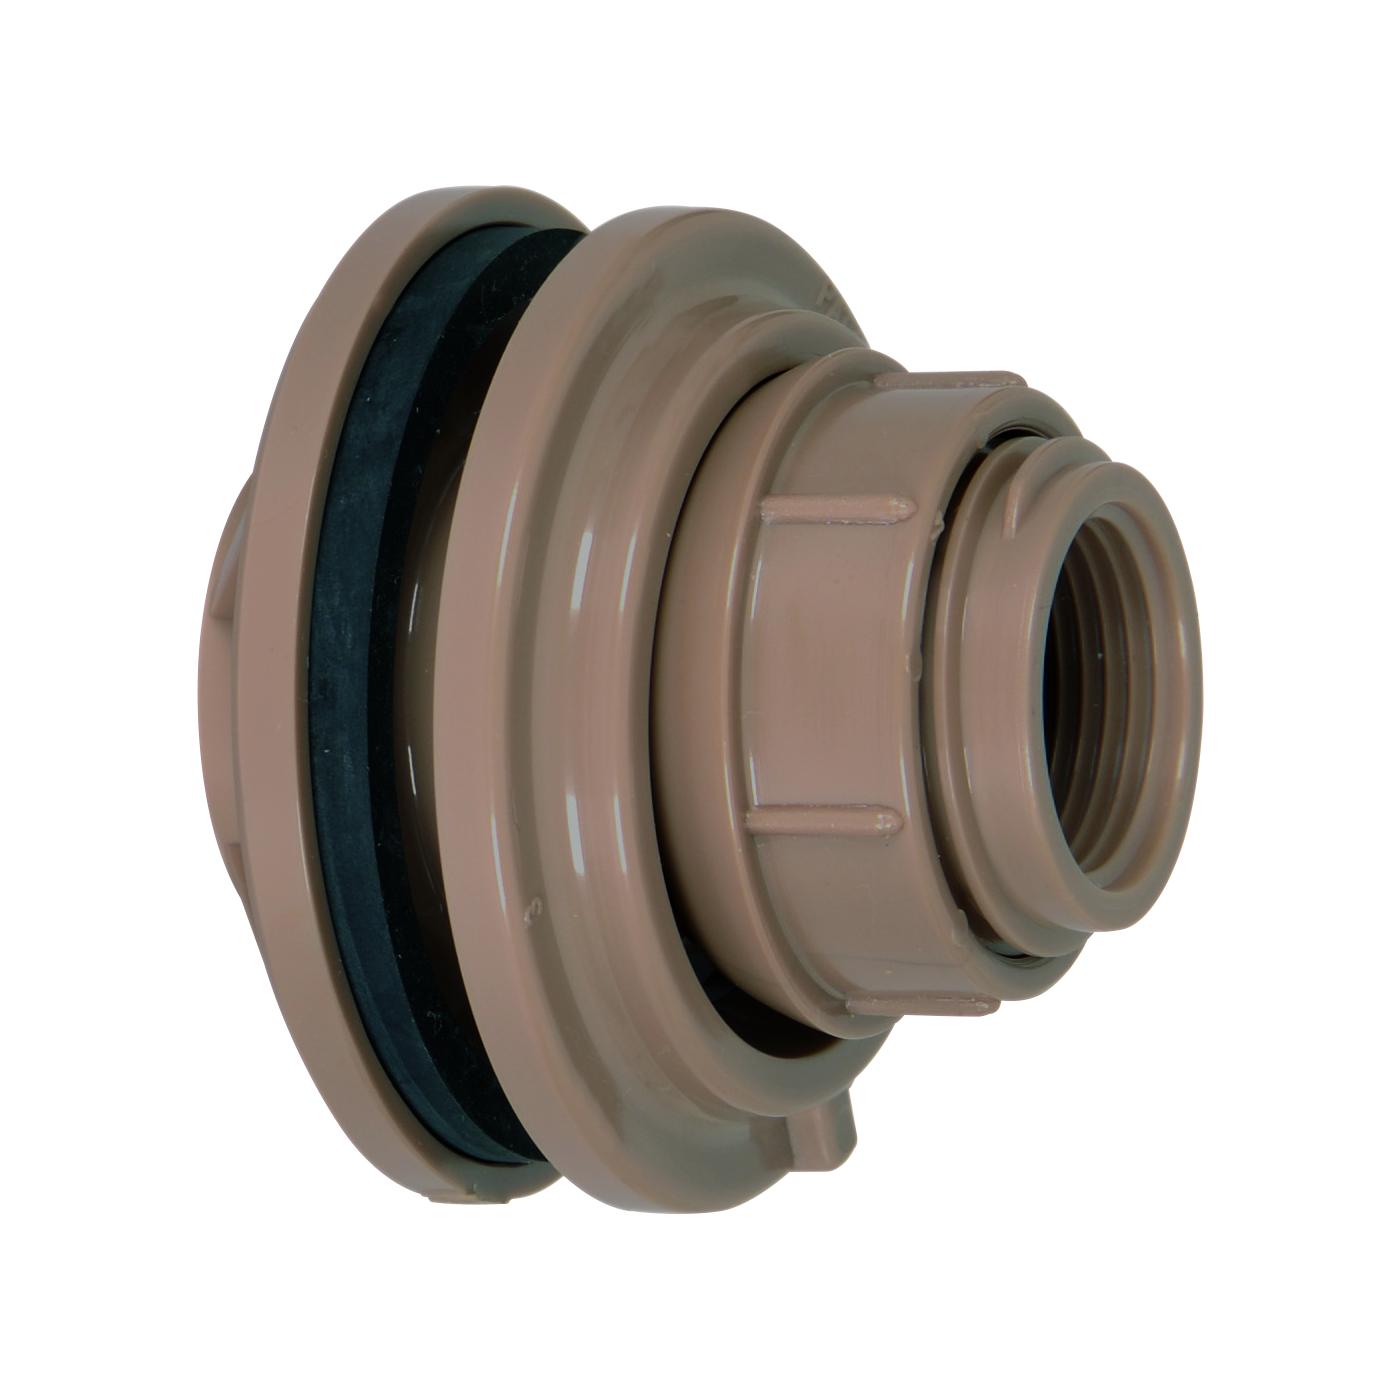 Adaptador Com Flange PVC Marrom 50 mm x 112 com Anel - Amanco